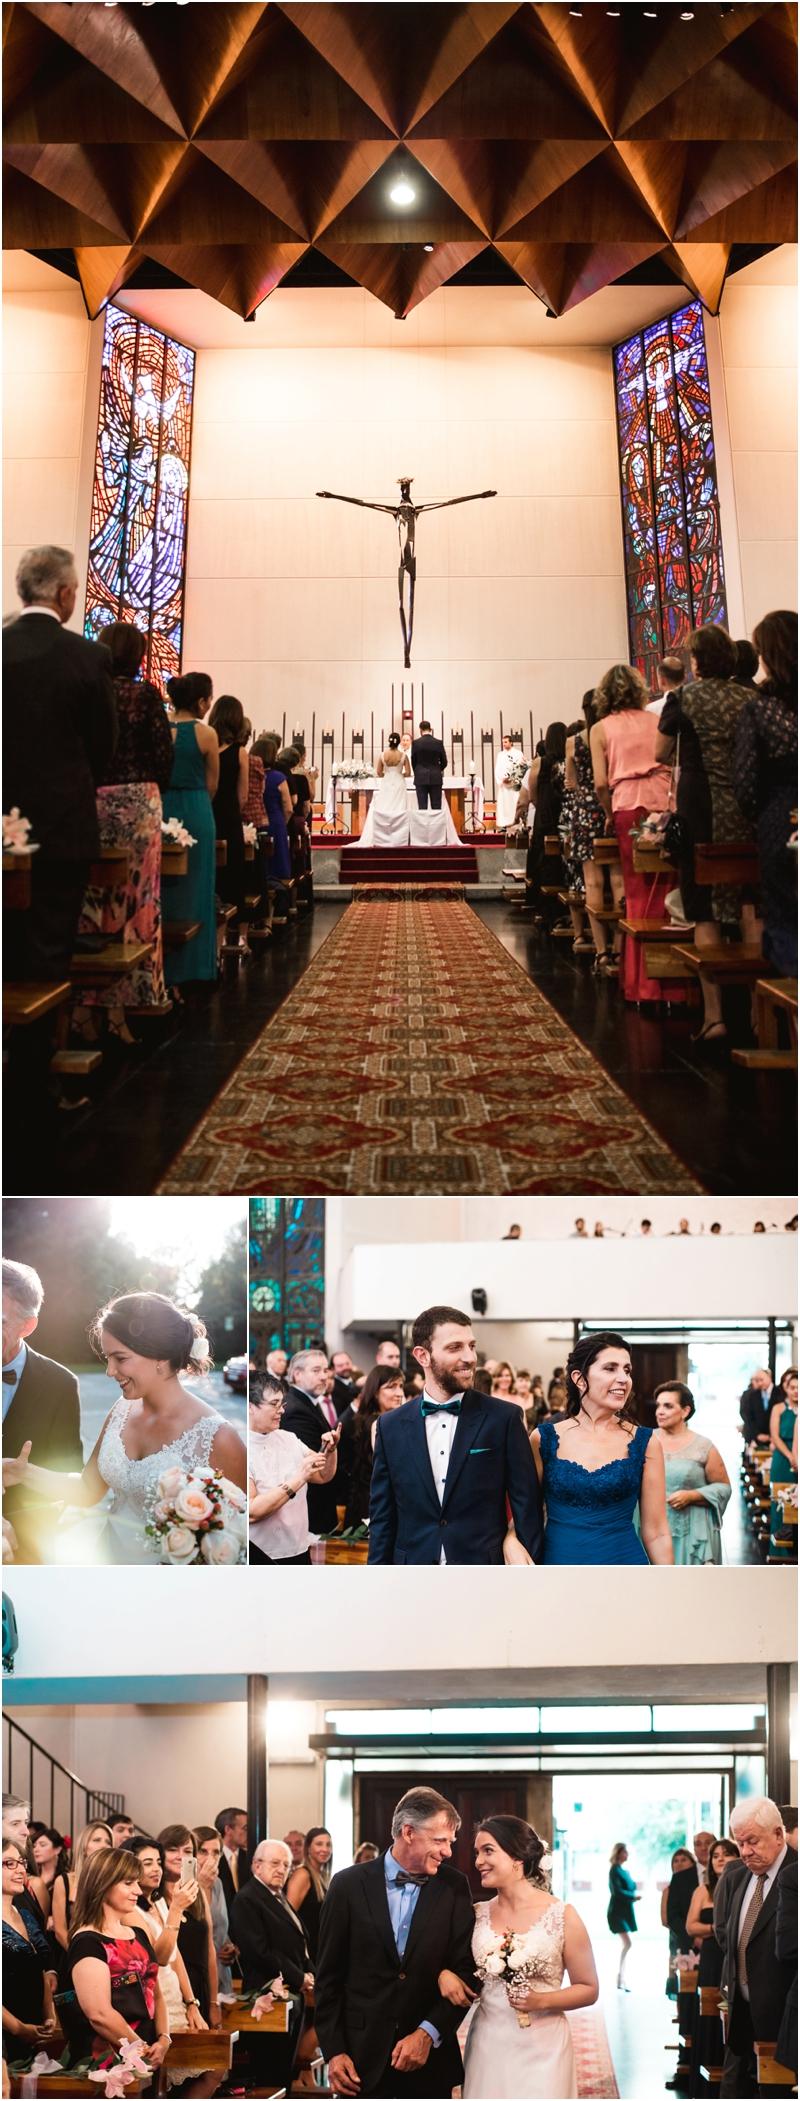 Matrimonio en Colegio del Verbo Divino, Fotografía por Ampersand Wedding Films